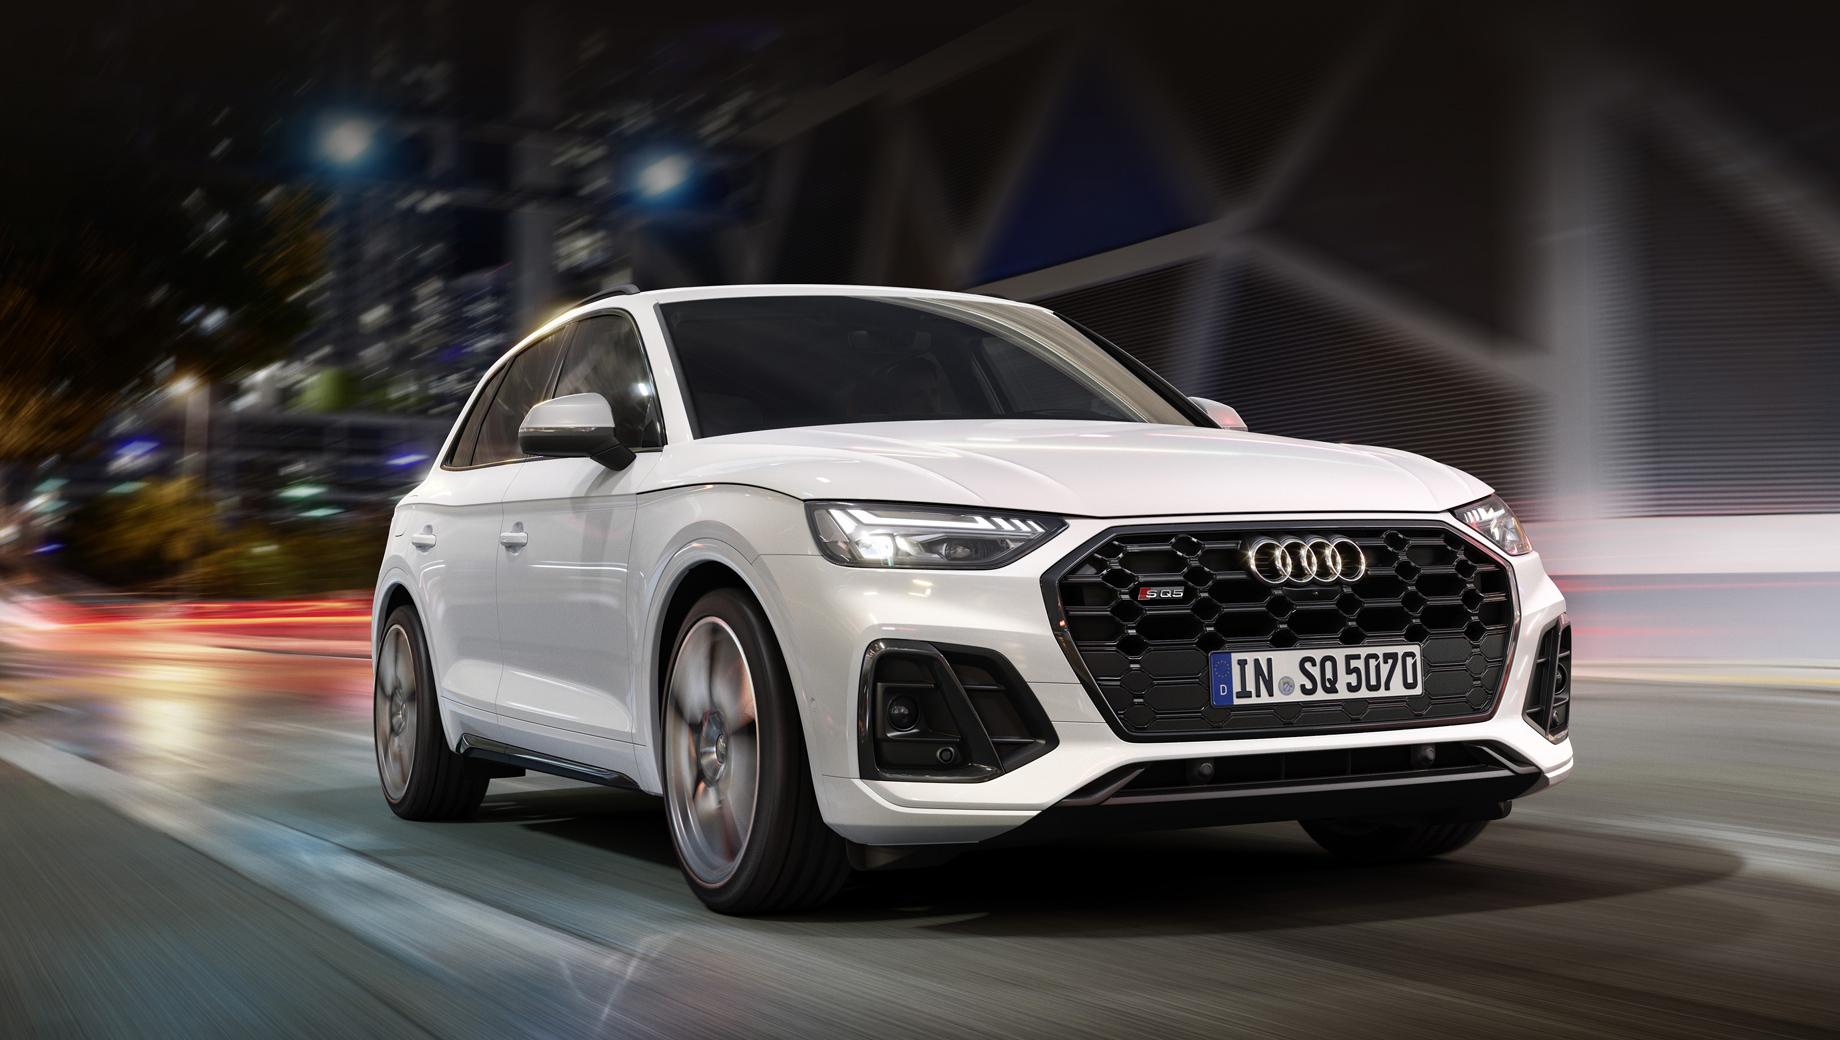 Audi sq5. Перемены в оформлении носовой части следуют за обычным «ку-пятым». К девяти окраскам кузова предложен также опциональный чёрный стайлинг-пакет.